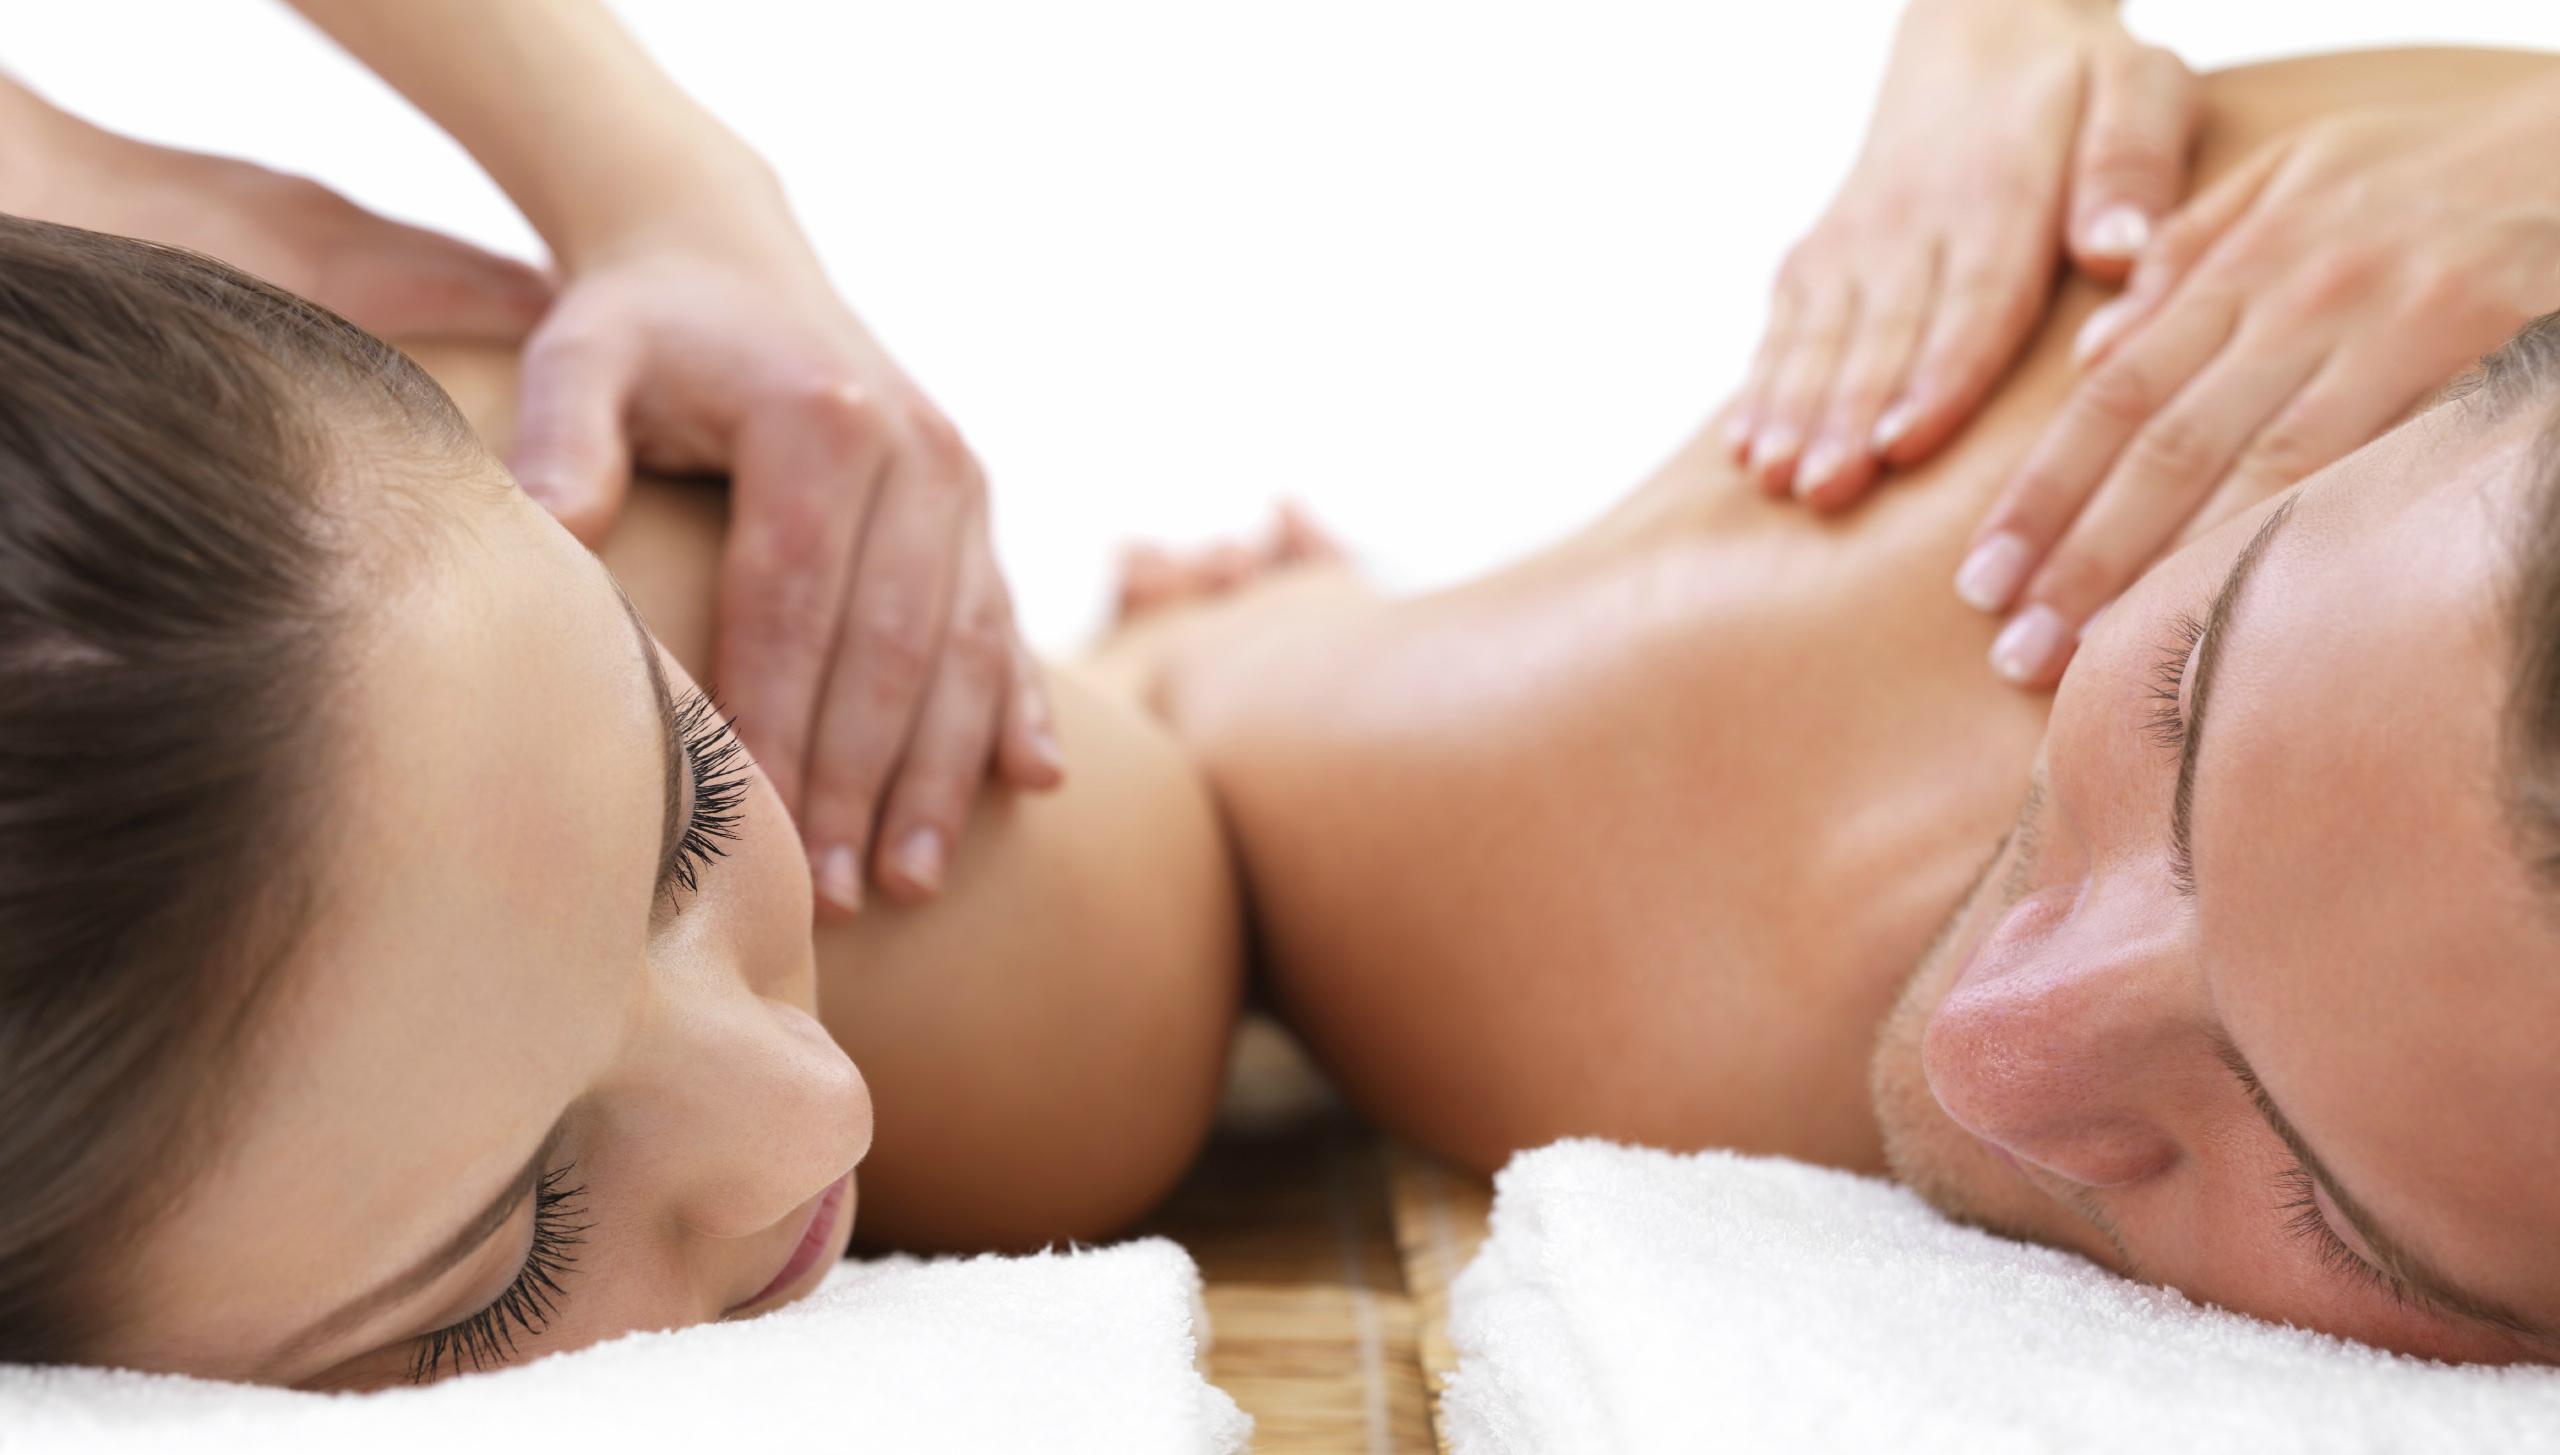 Очень нежный массаж подруге лесби и качественный оргазм